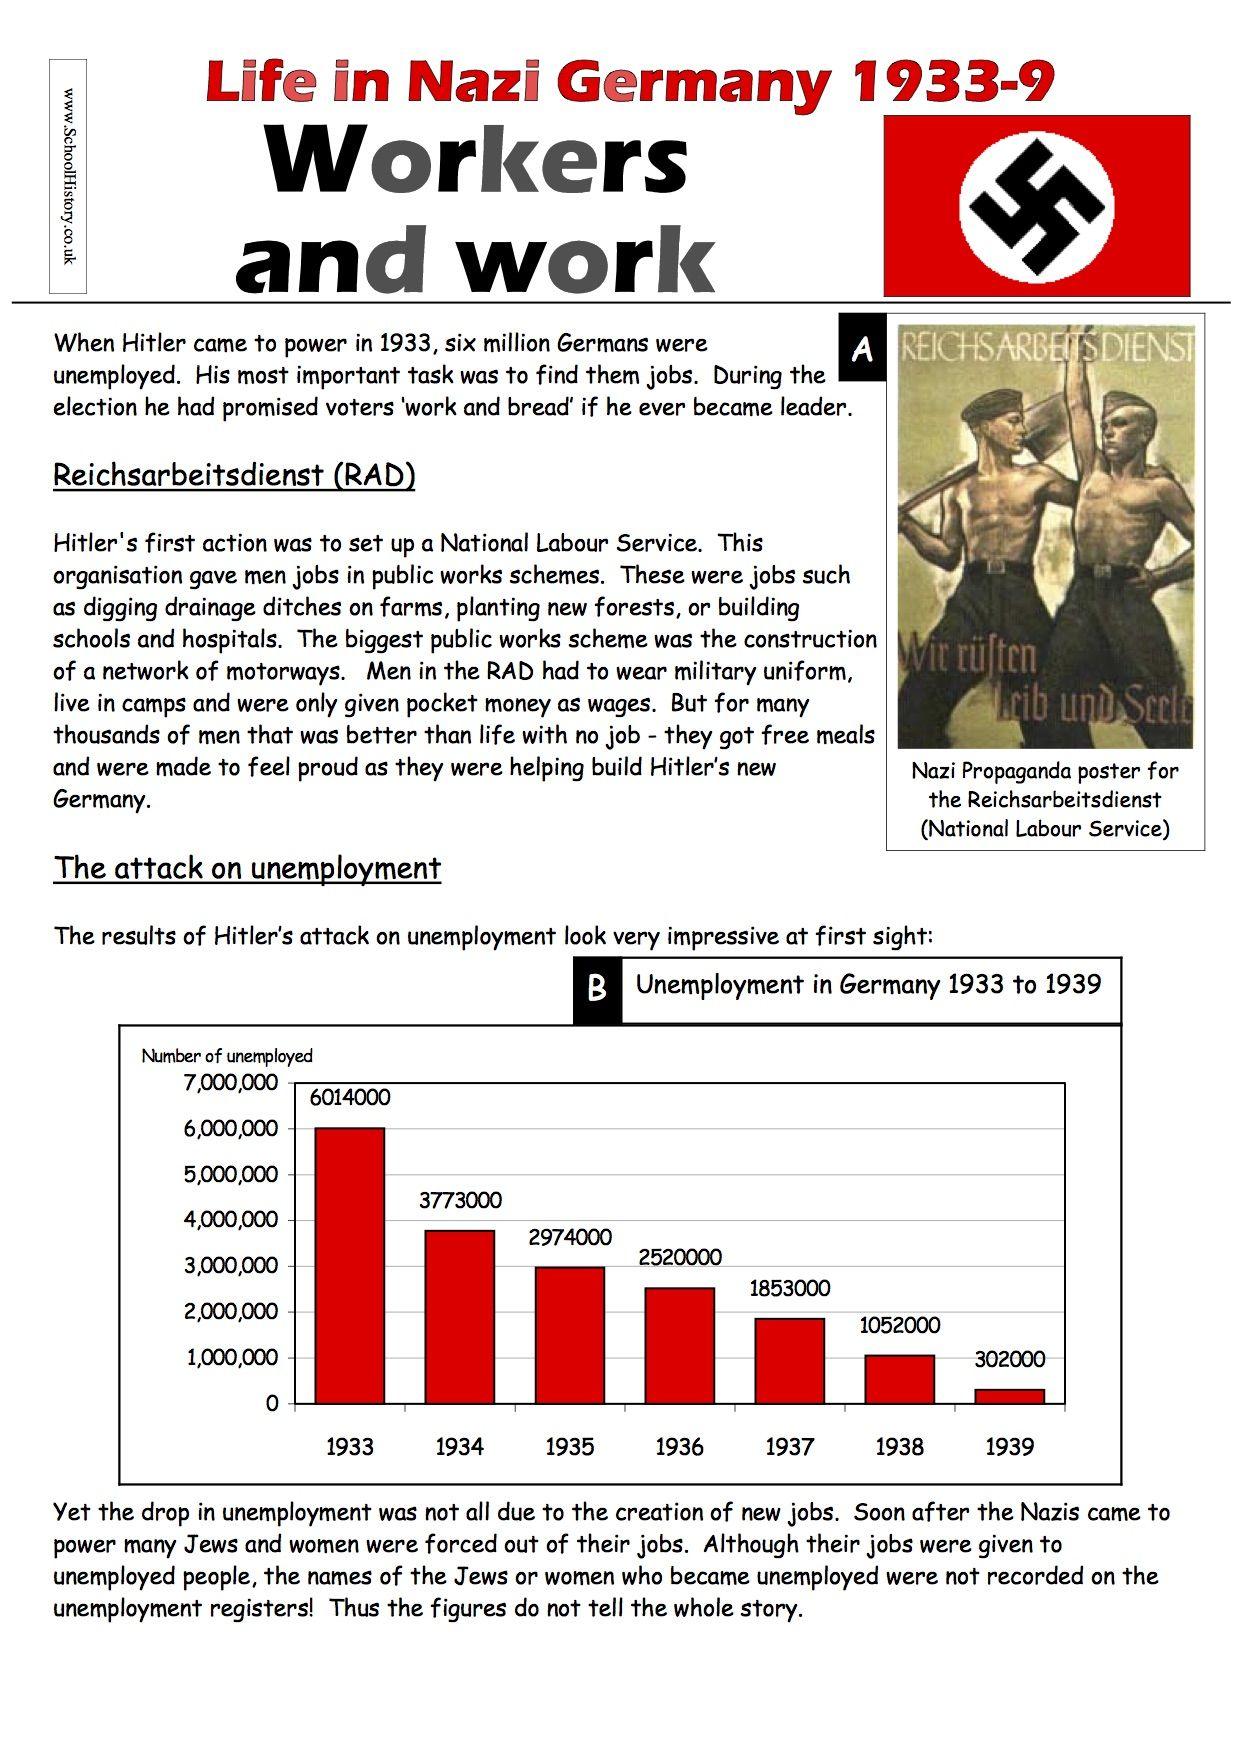 13 Best Worksheets Ks3 Images On Best Worksheets Collection